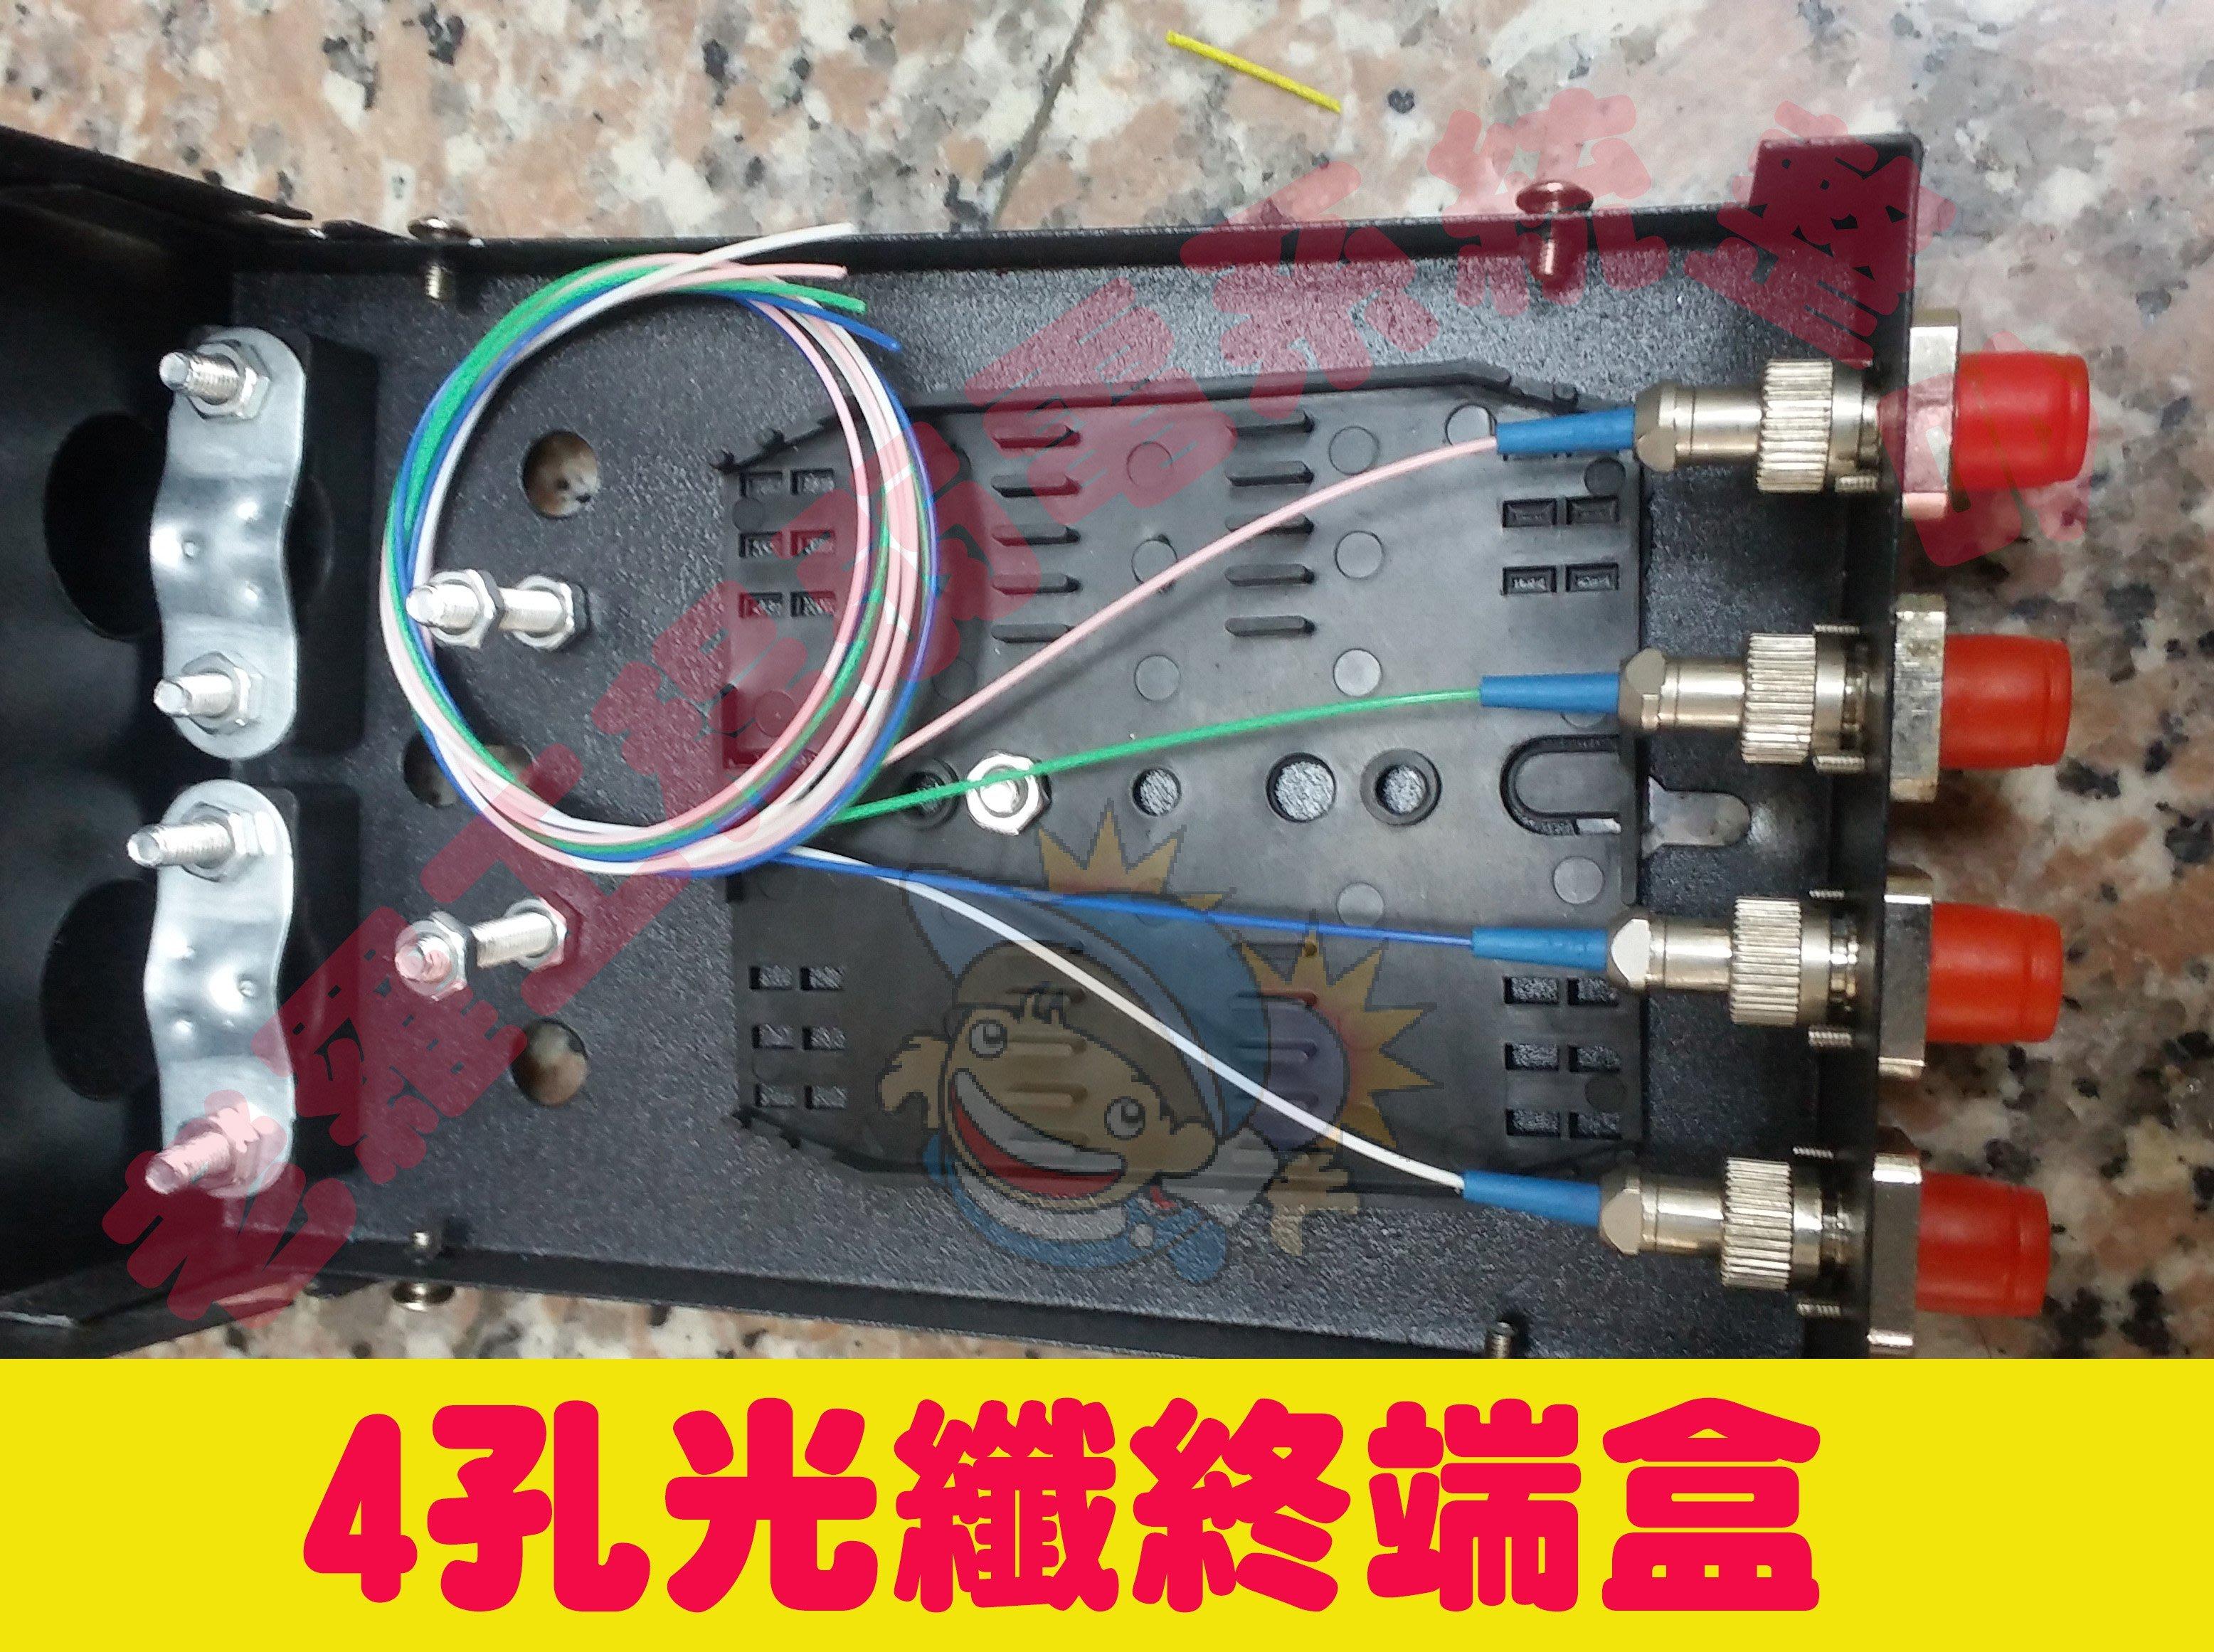 L019*4孔 光纖終端盒 熔接盒 含尾纖  另~插卡節電開關 Soyal 茂旭 AR-837EF  老羅工程行